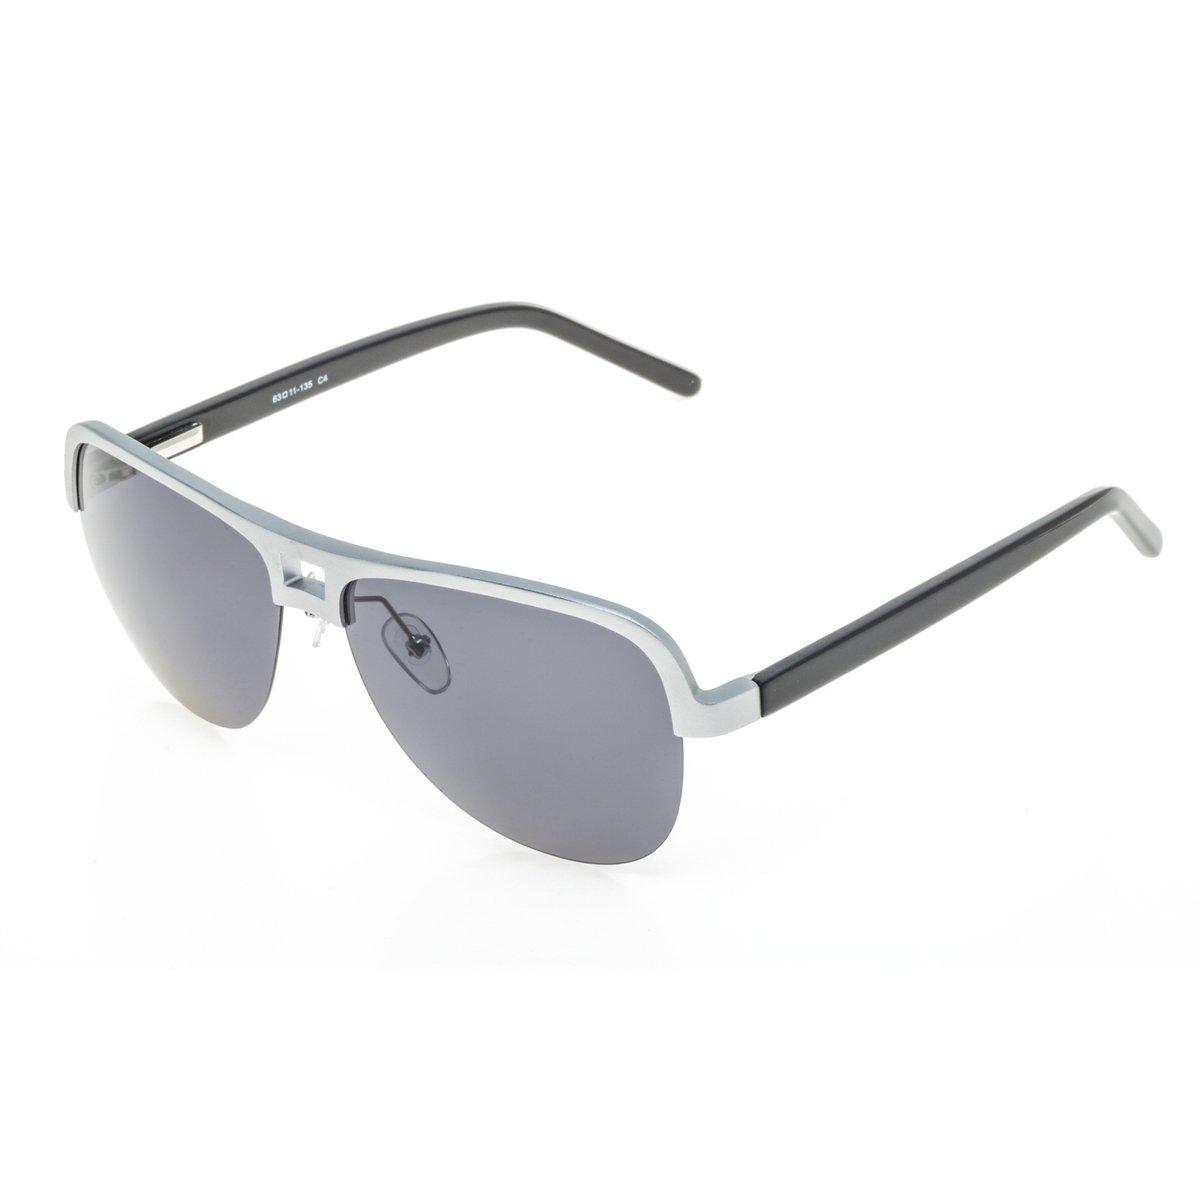 01ad1f0f2bebf Óculos de Sol Khatto ML2121 - Compre Agora   Netshoes